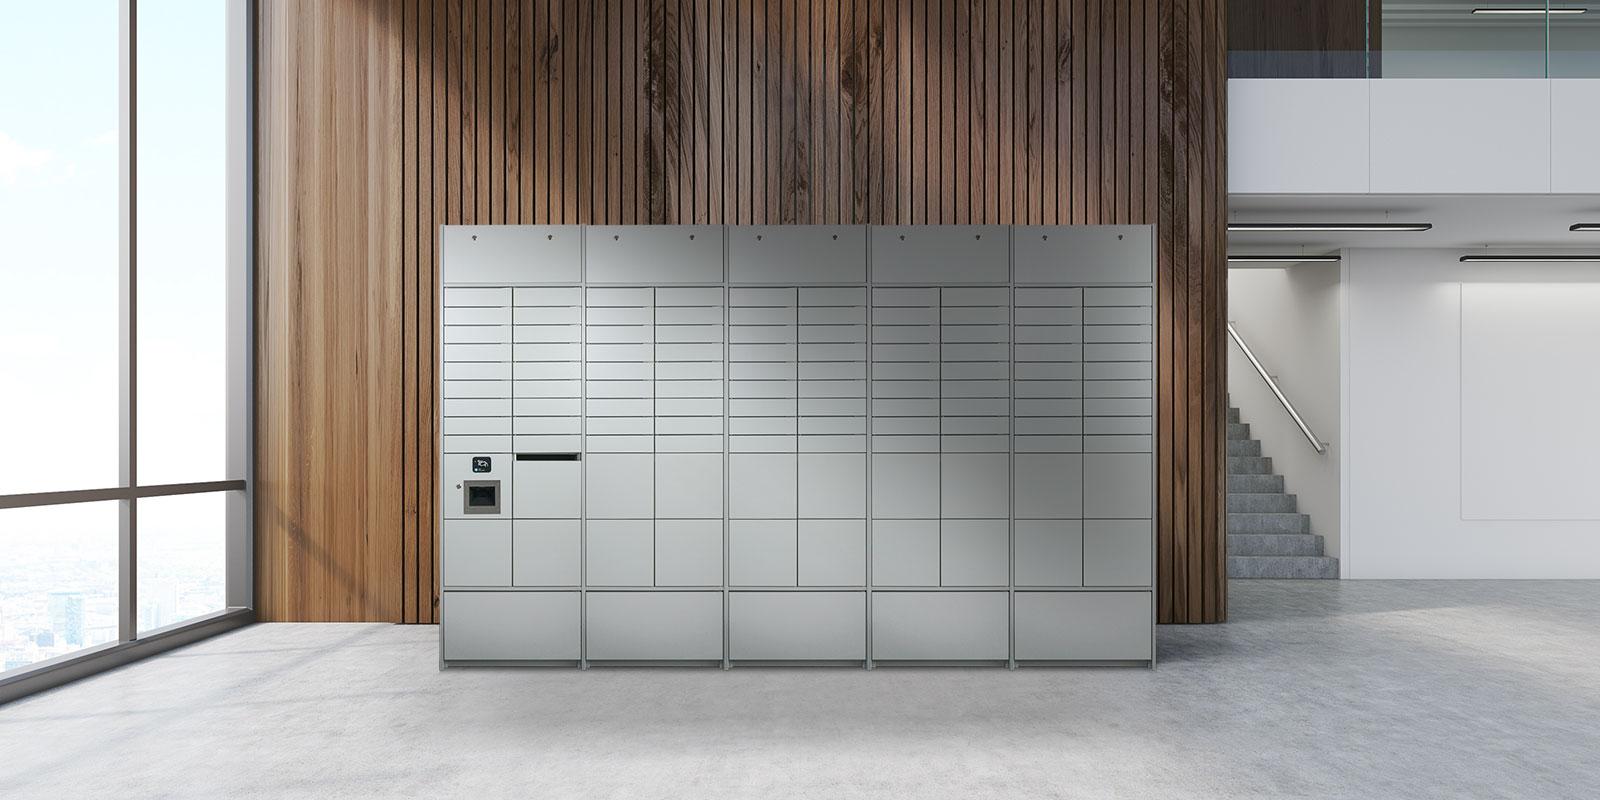 NetLocker-Schrank in einem Gebäude